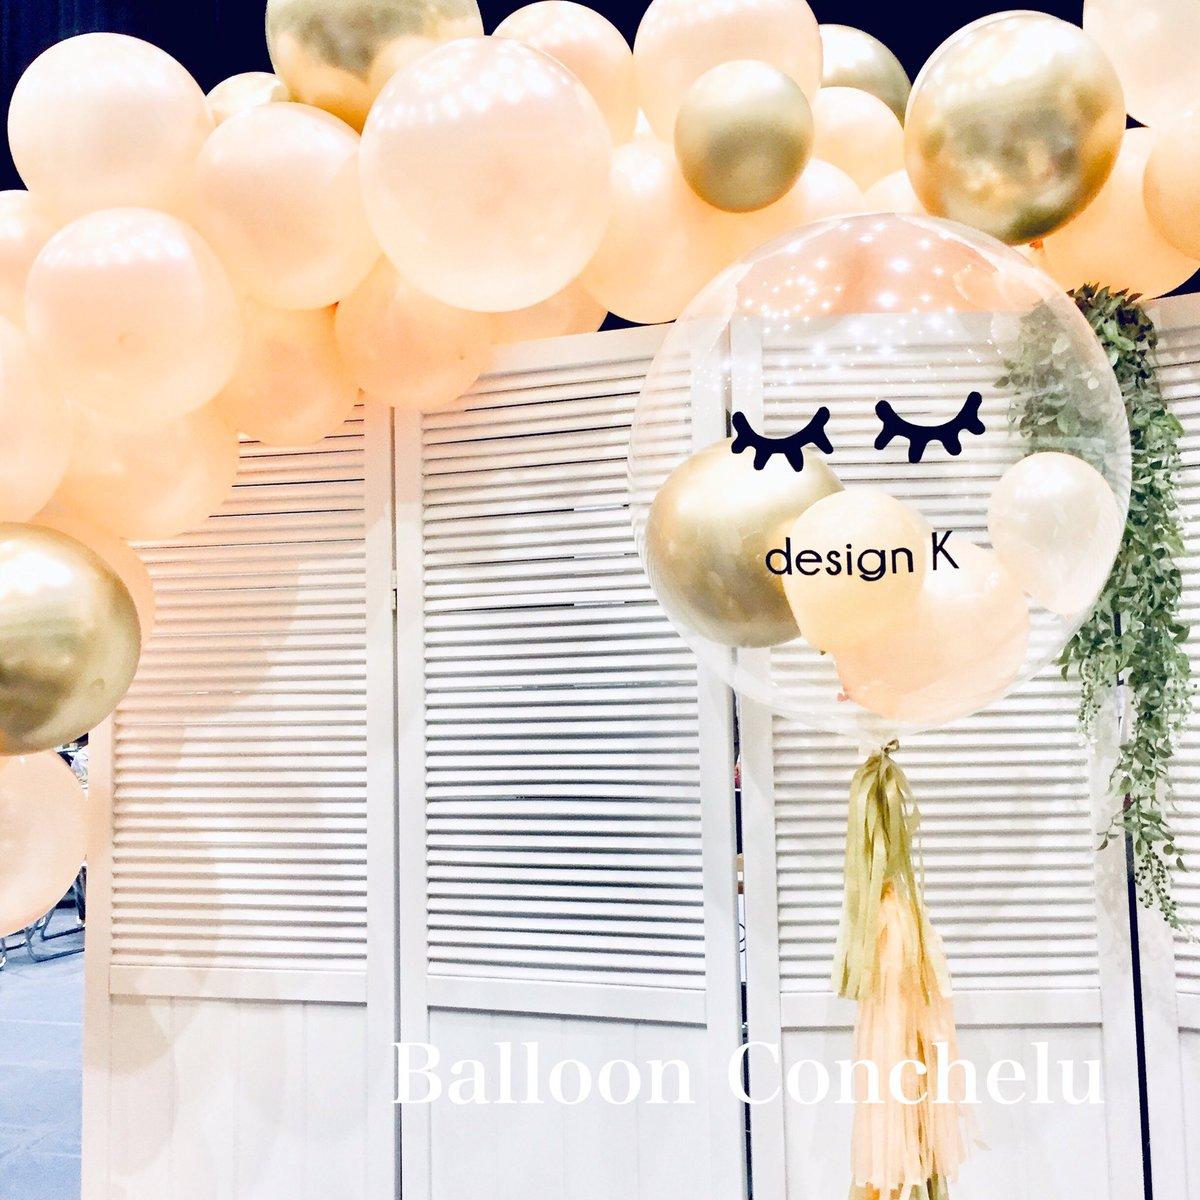 本日はサンプラザ で開催される美容業界  リクエストQJ就職フェア2019 へバルーンをお届け!毎年お世話になっている、 design  K 様  @designk_press  @designk.recruit  のブースを装飾させていただきました!とってもお洒落な色合いですね?